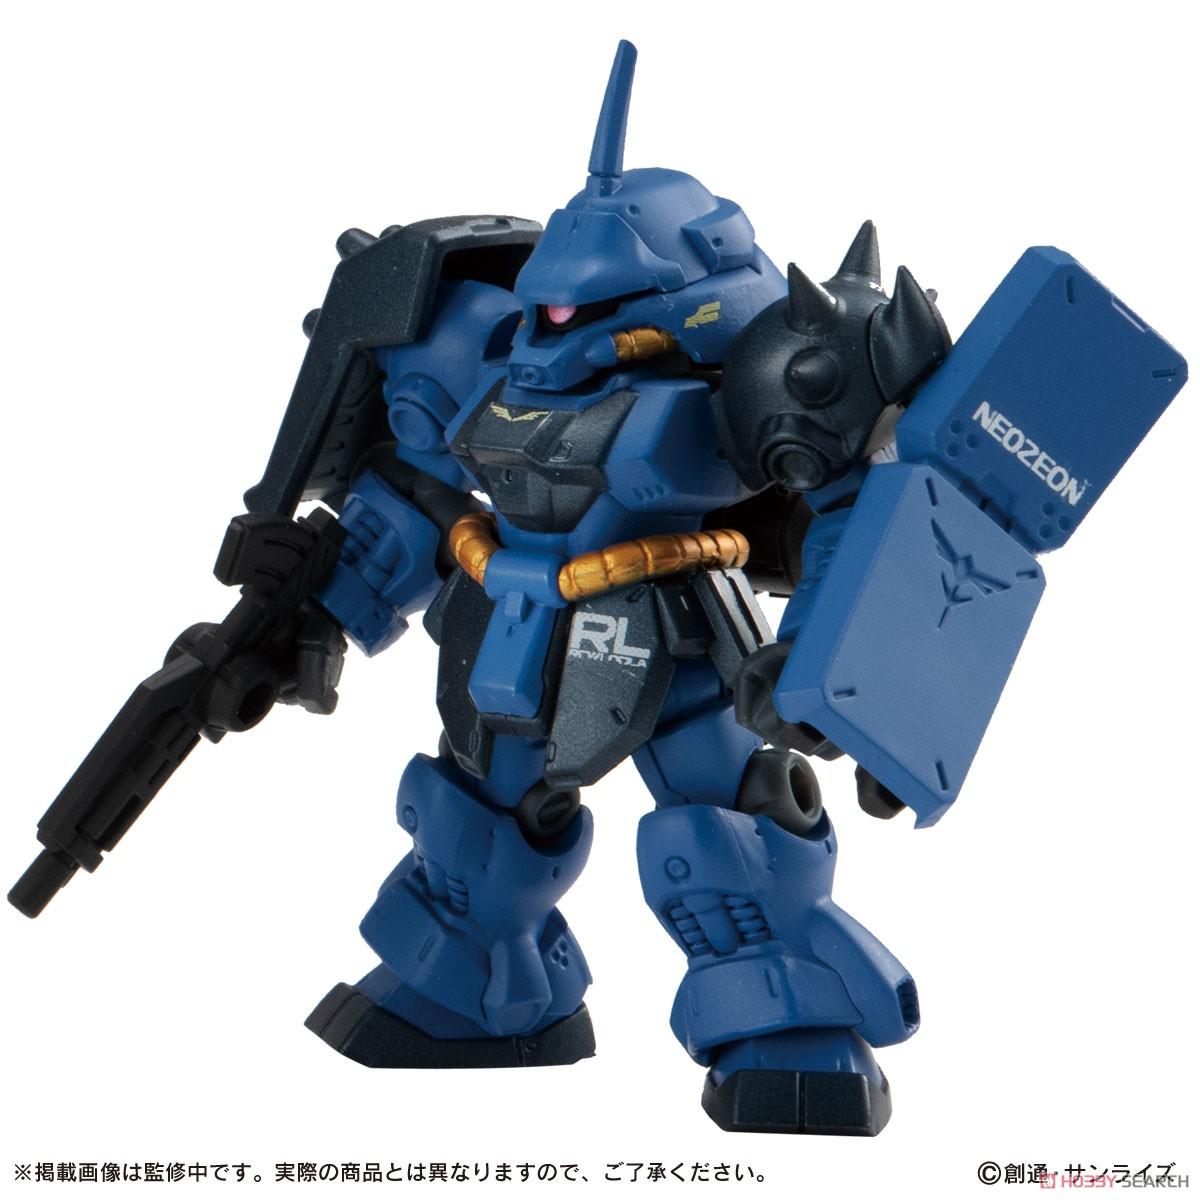 機動戦士ガンダム『MOBILE SUIT ENSEMBLE7.5』デフォルメ可動フィギュア 10個入りBOX-004